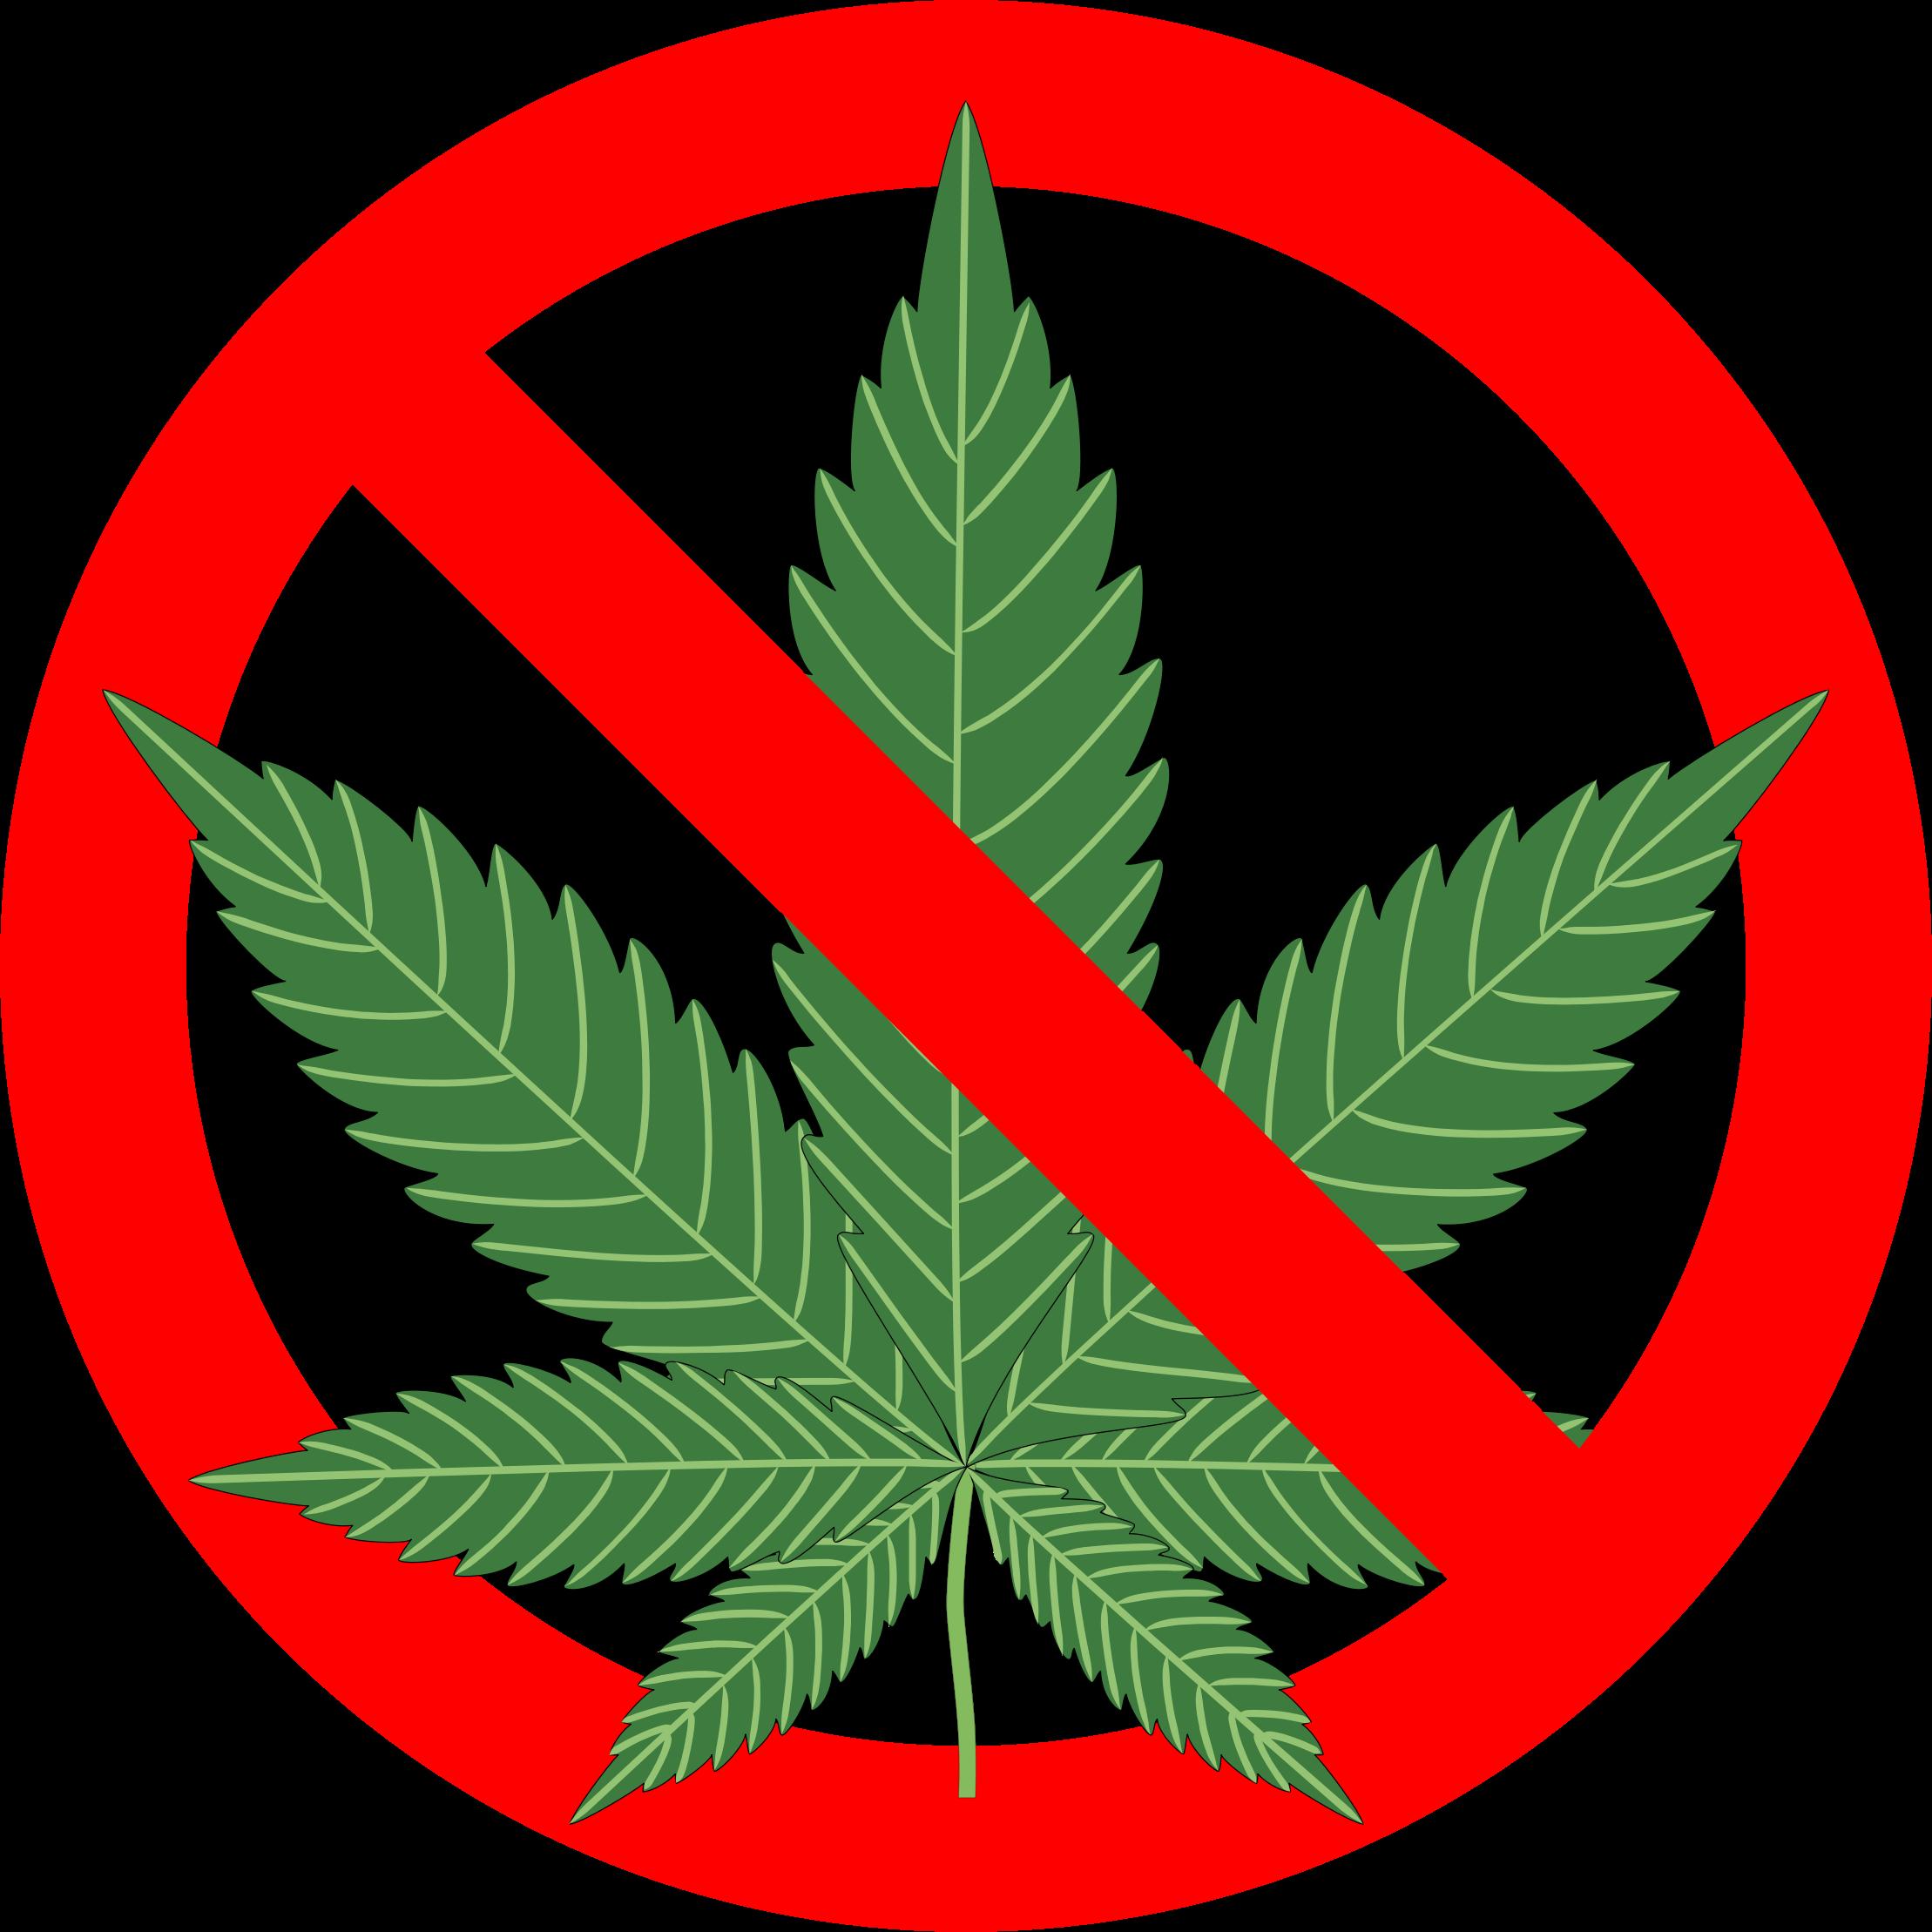 marijuana clipart illegal